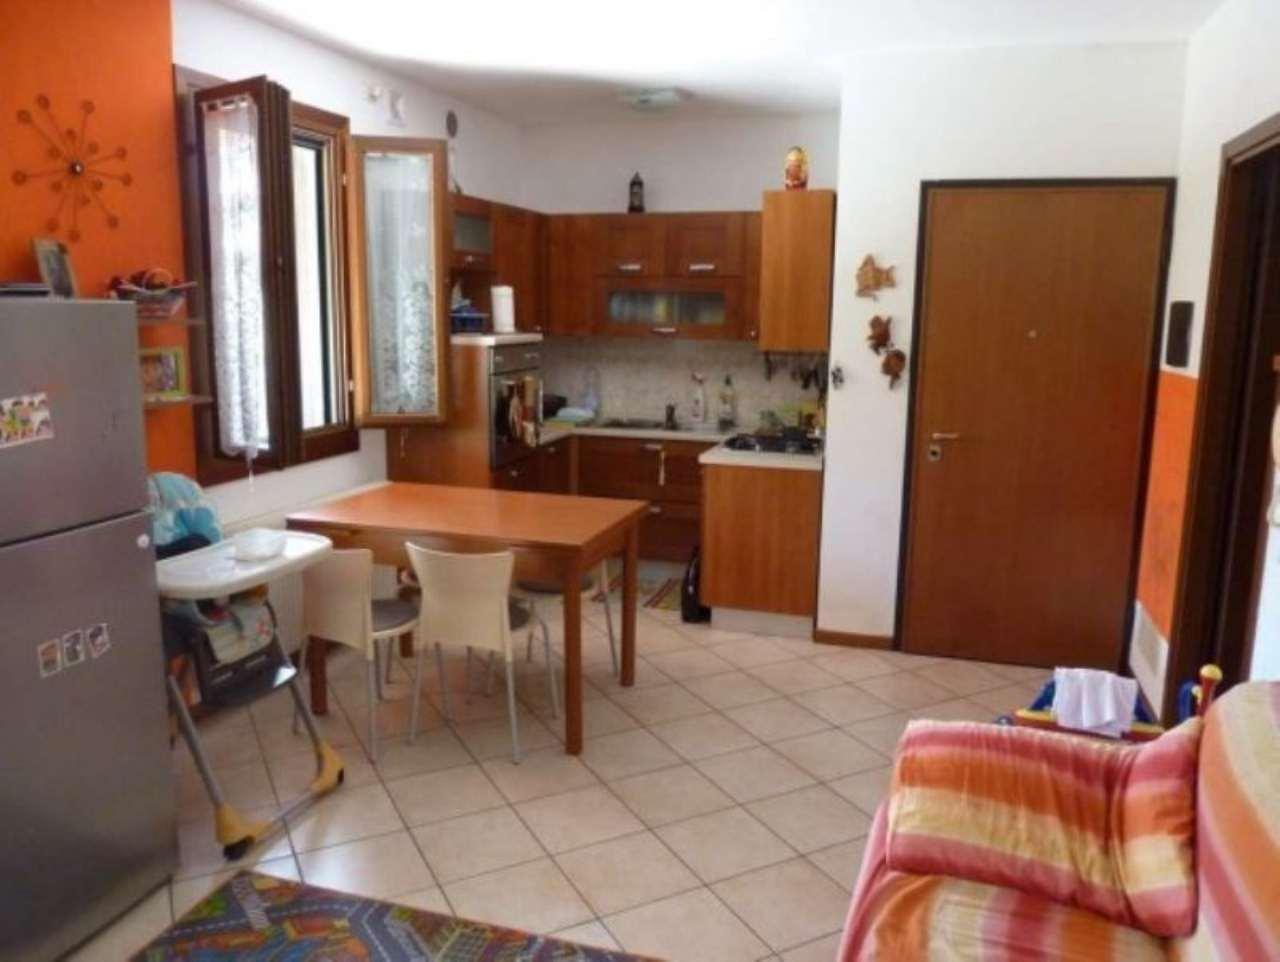 Appartamento in vendita a Villorba, 2 locali, prezzo € 75.000 | Cambio Casa.it